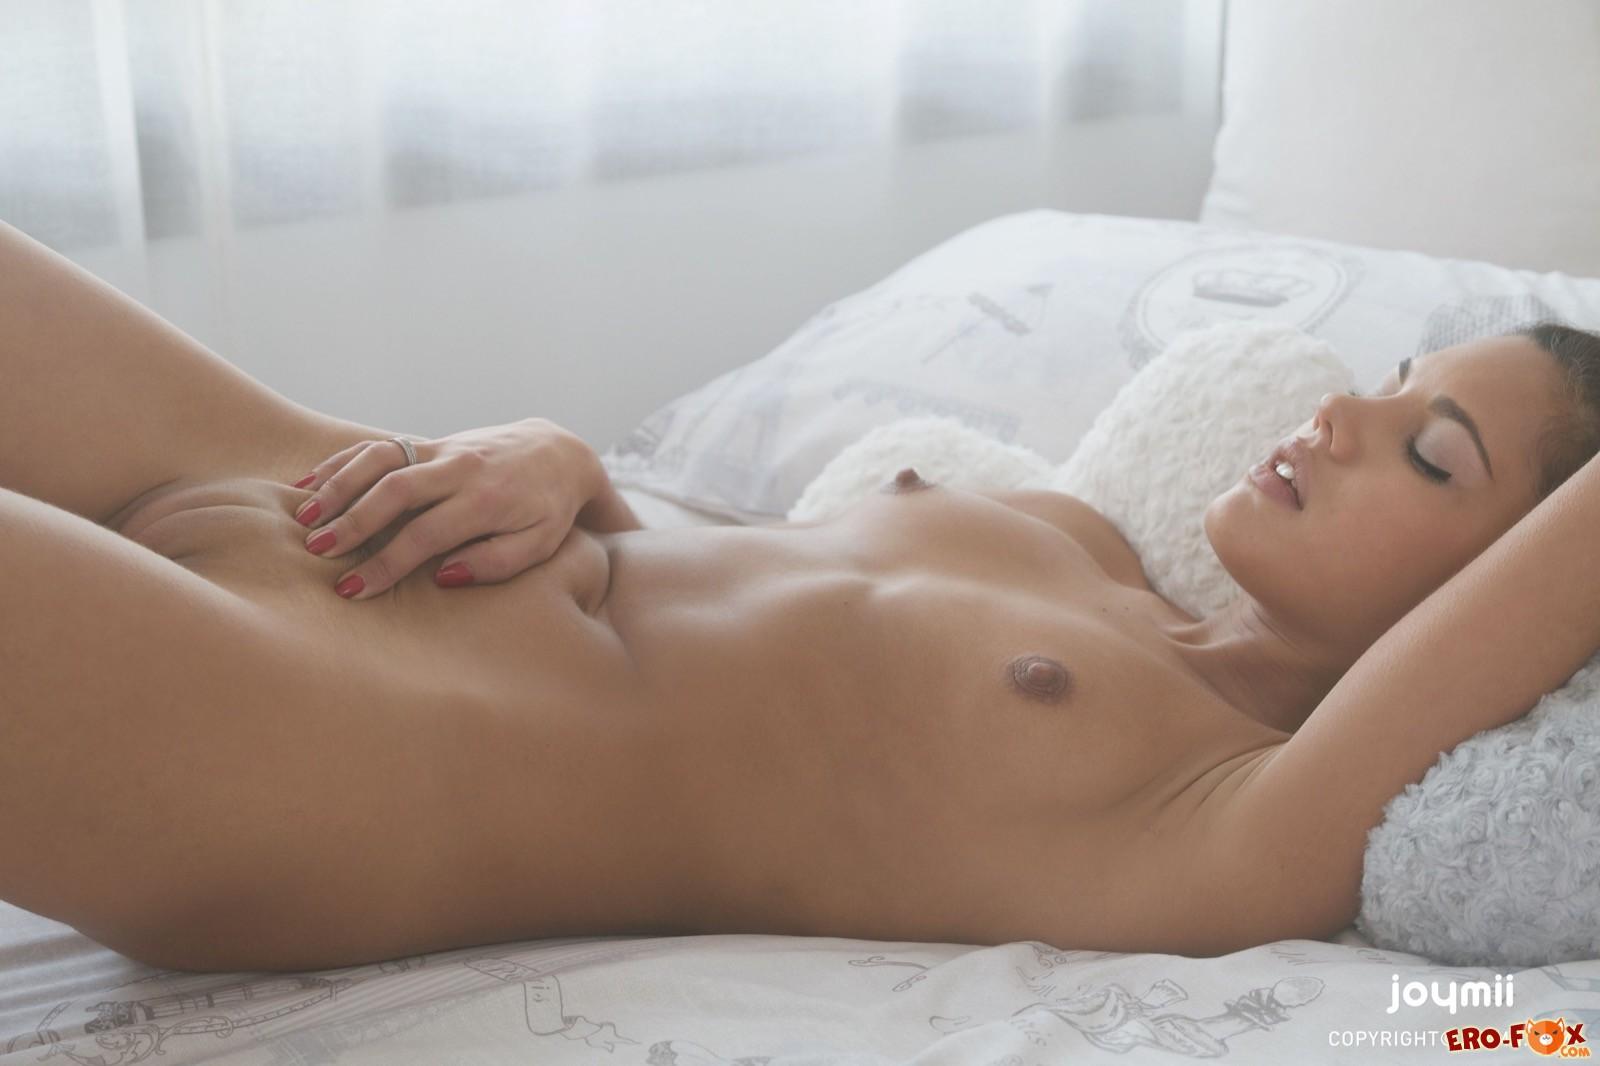 Загорелая брюнетка с бритой киской в постели